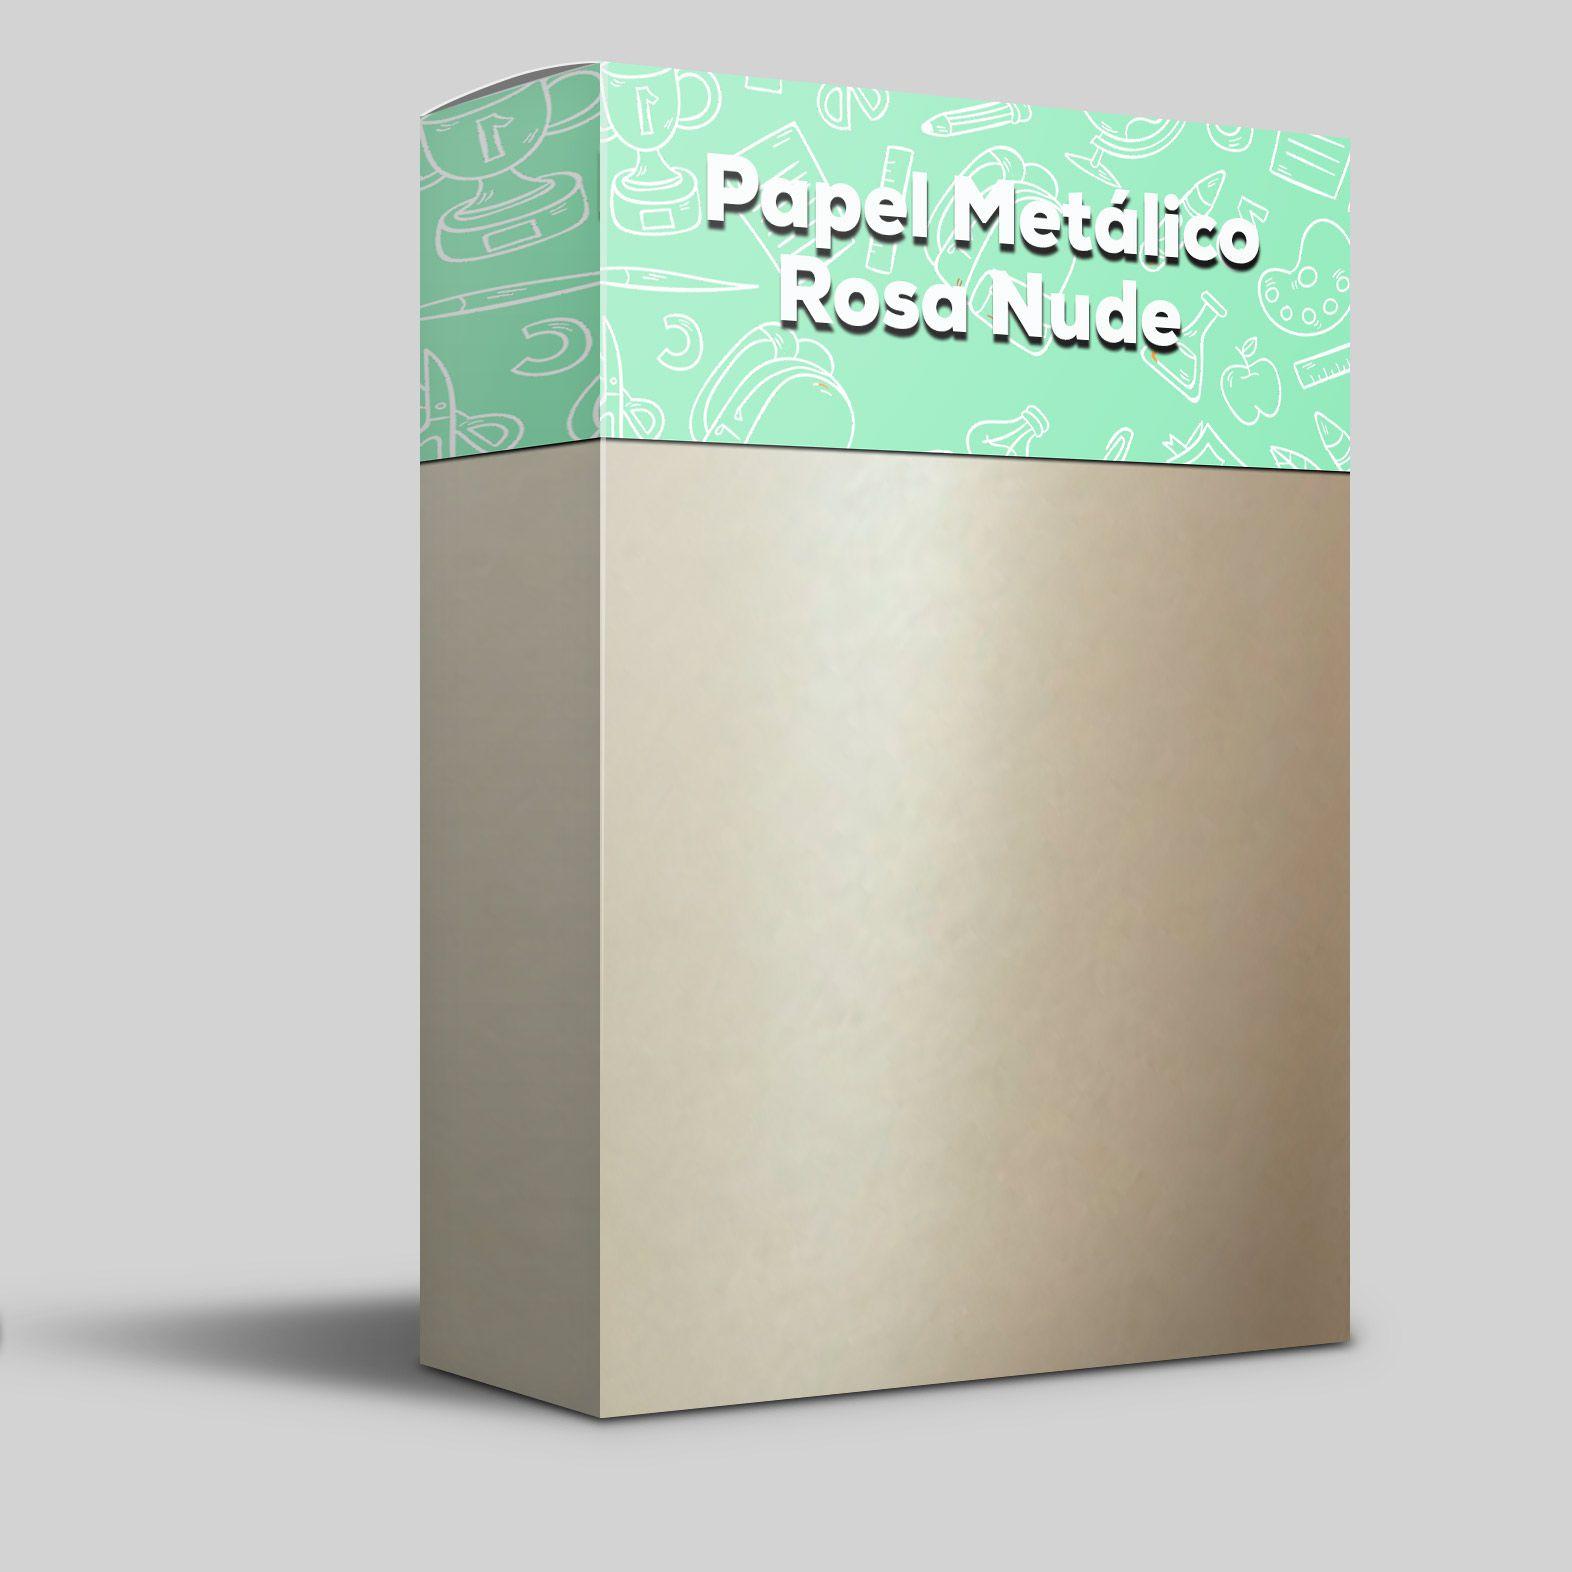 Papel Metálico Nude Tam: A4 240g/m² com 20 folhas